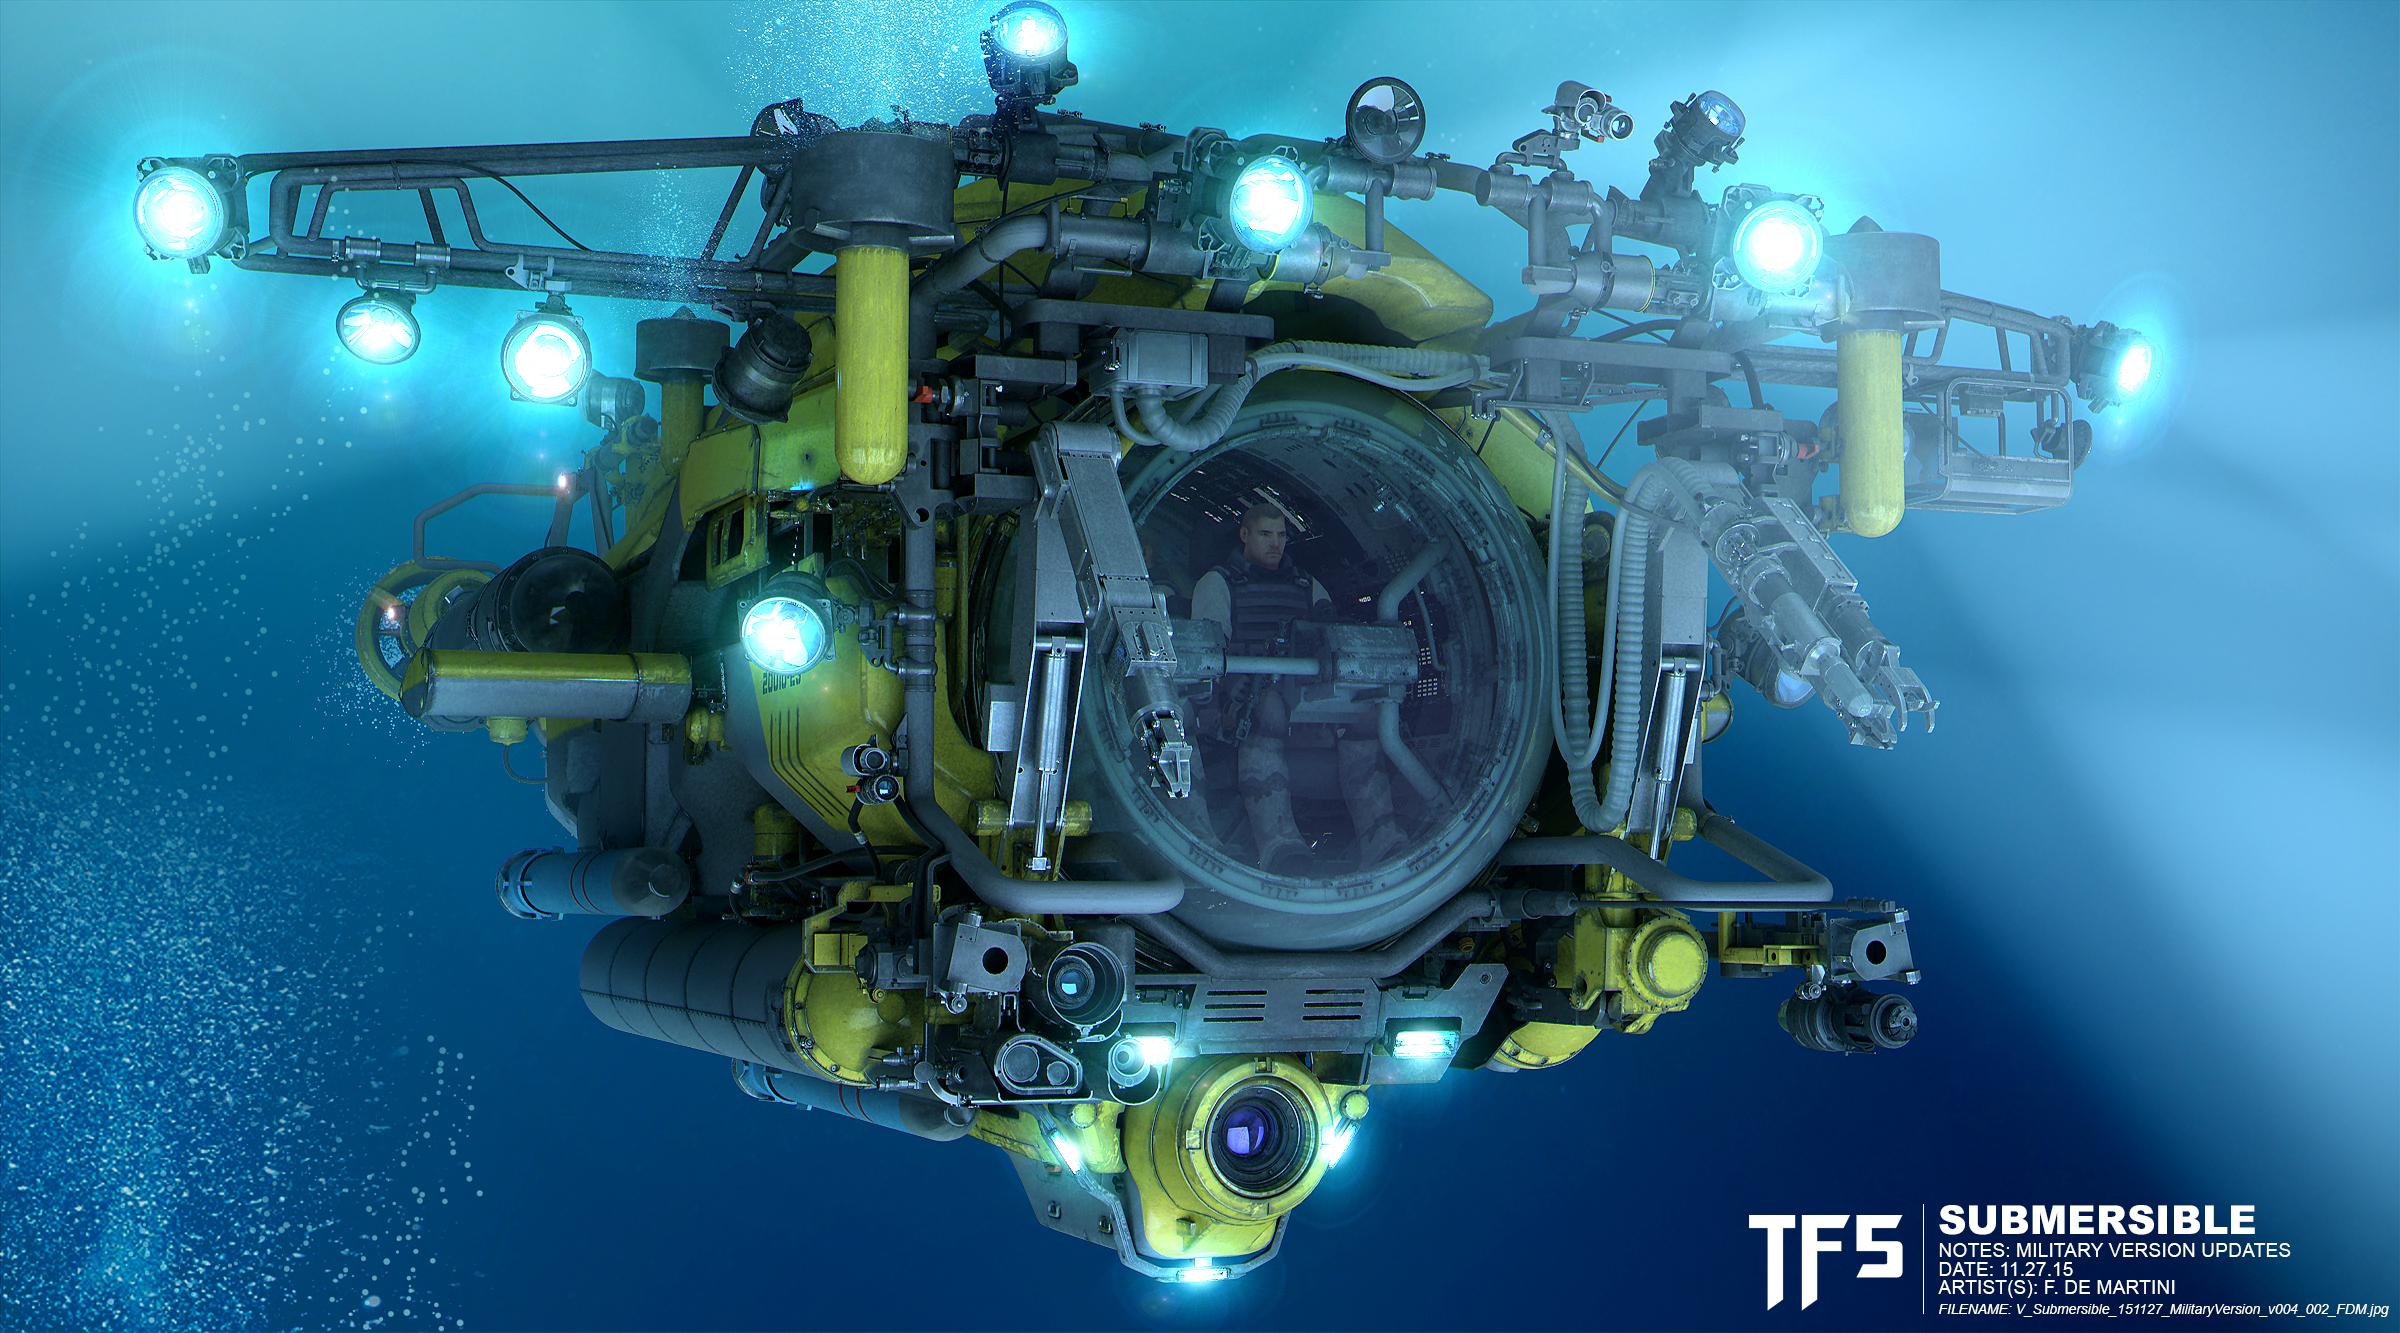 V_Submersible_151127_MilitaryVersion_v004_002_FDM.jpg